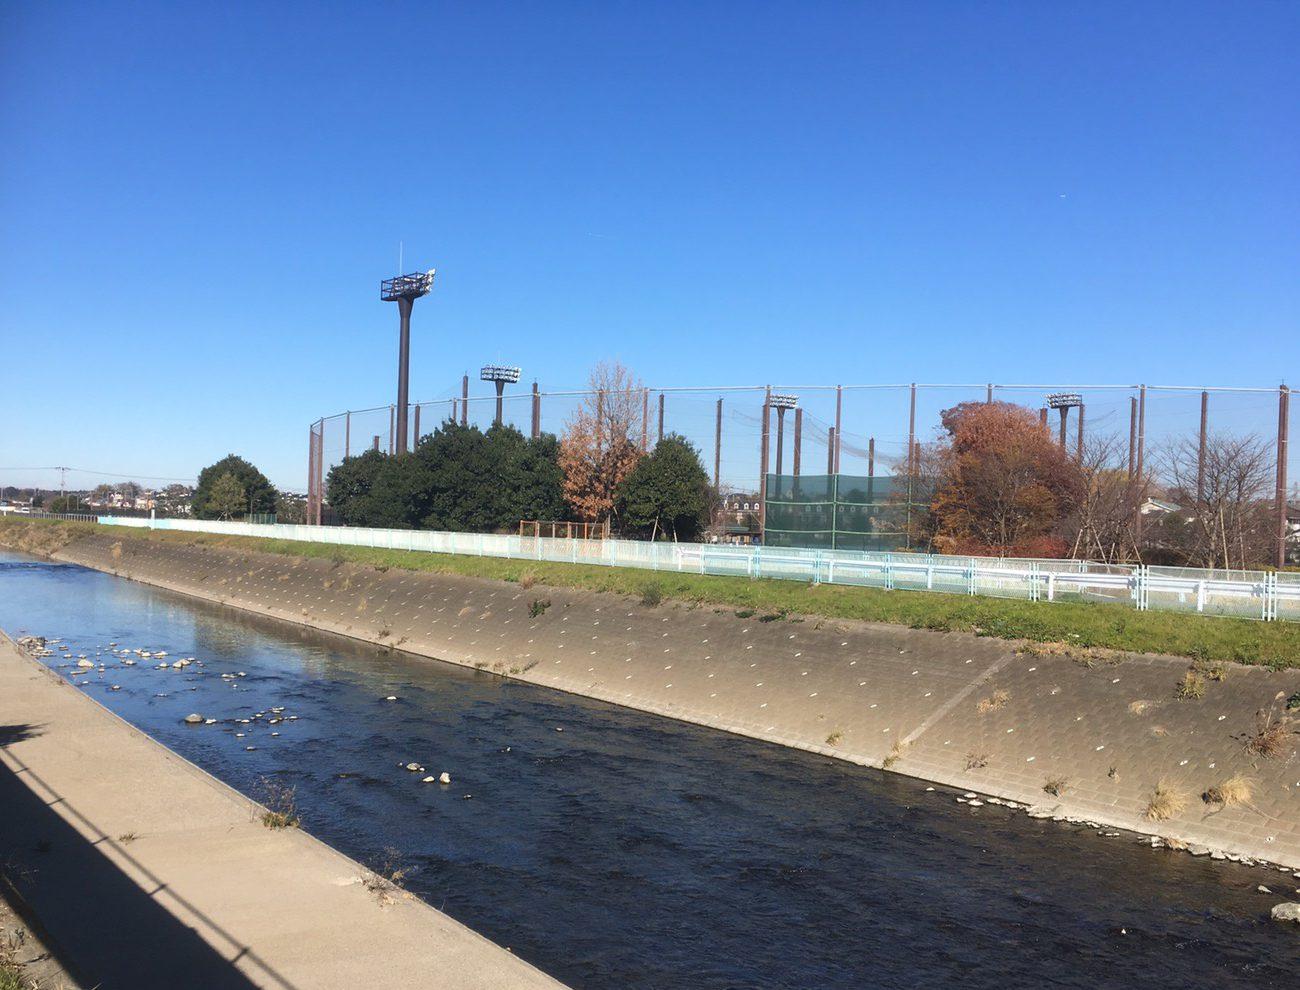 境川サイクリングコースで週末マラソン